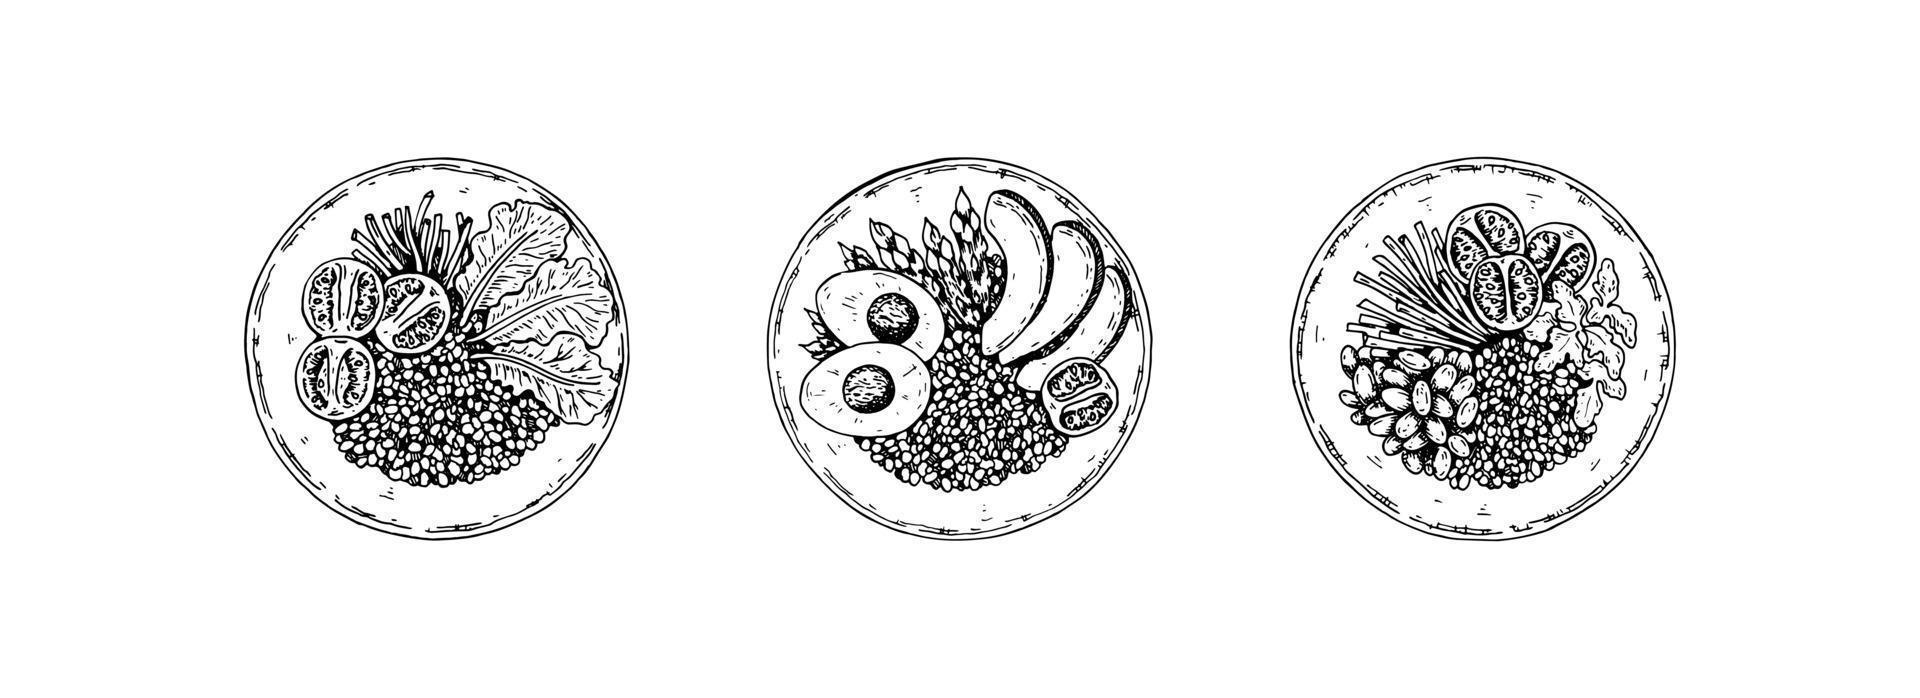 juego de cuenco dibujado a mano con cereales y ensalada. ilustración vectorial en estilo boceto vector